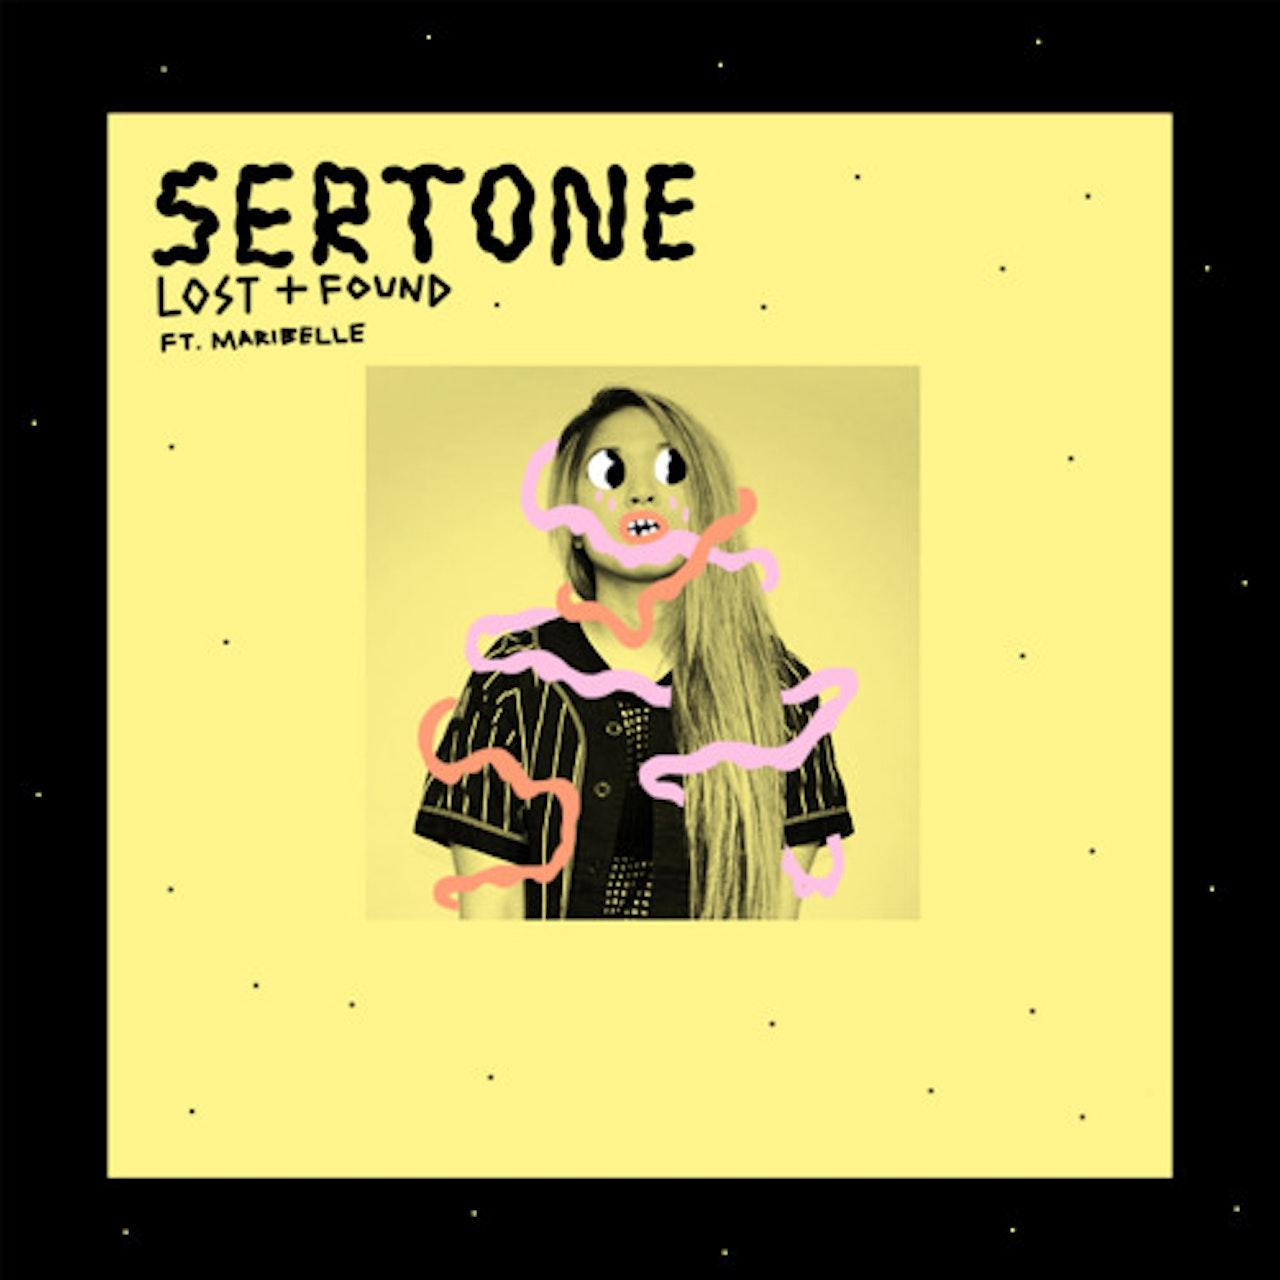 SertOne - Lost + Found (Single) ~ 2015